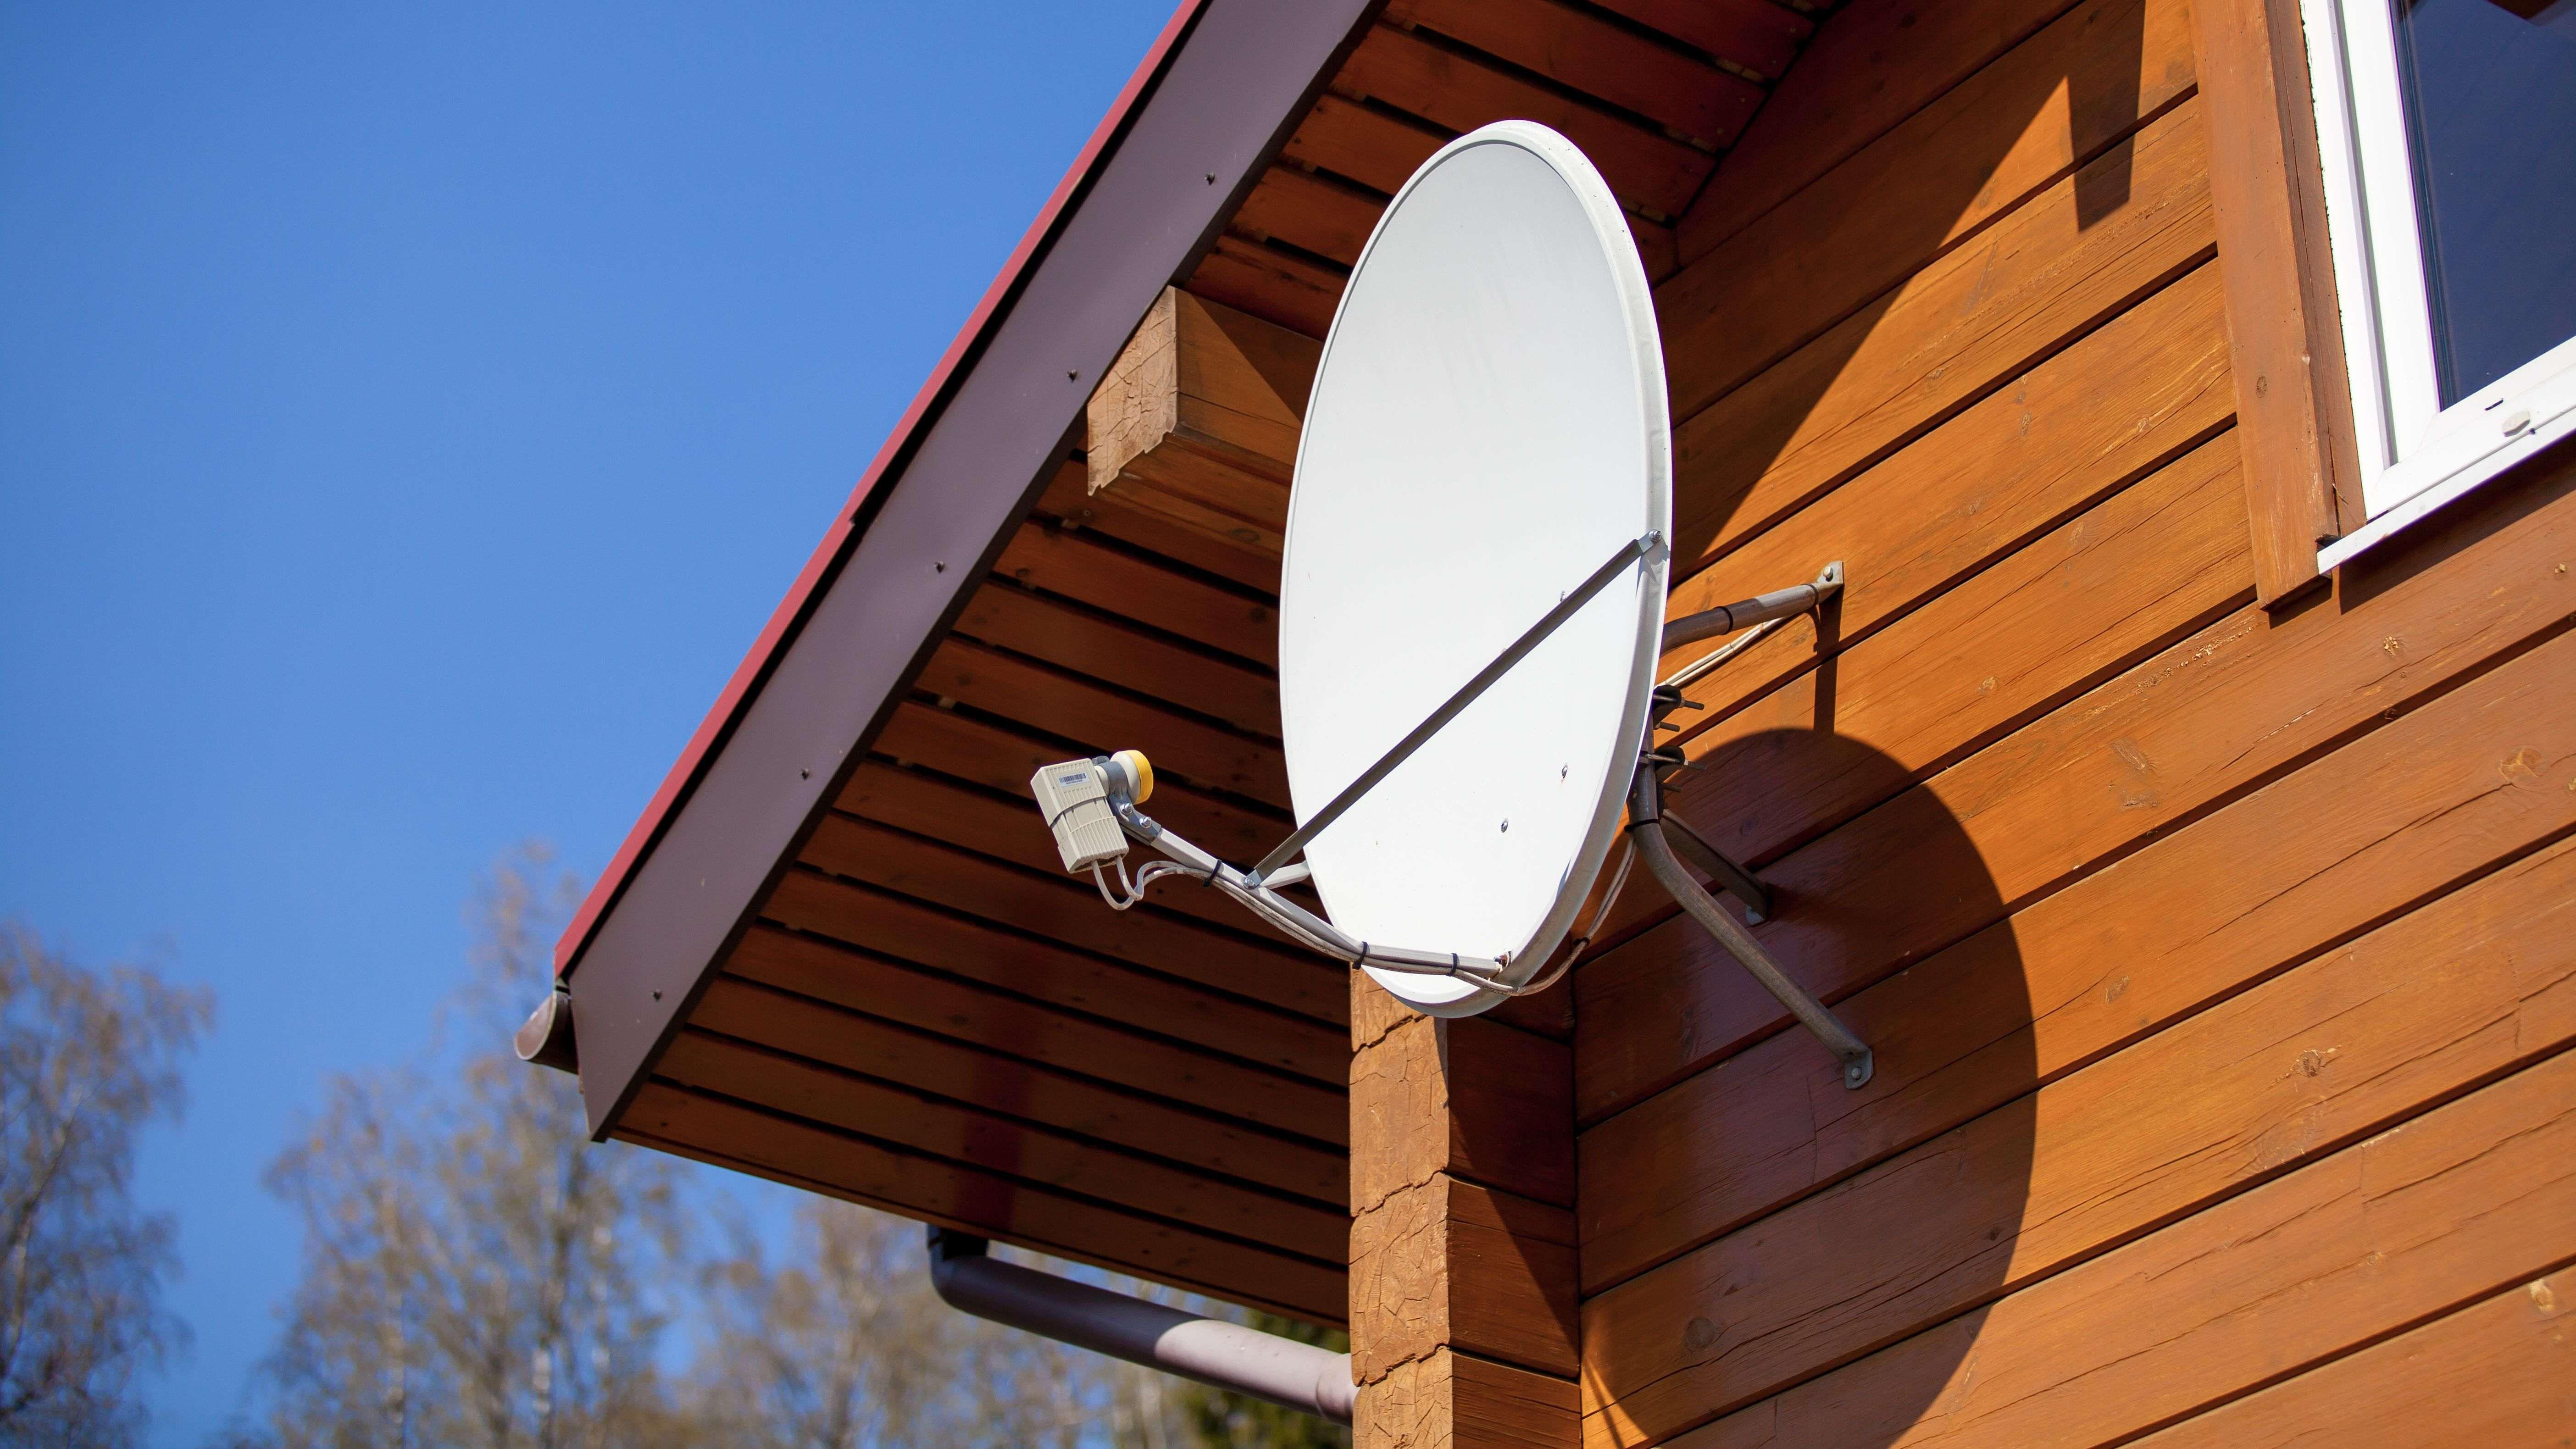 Ricezione della TV satellitare: fare la scelta giusta